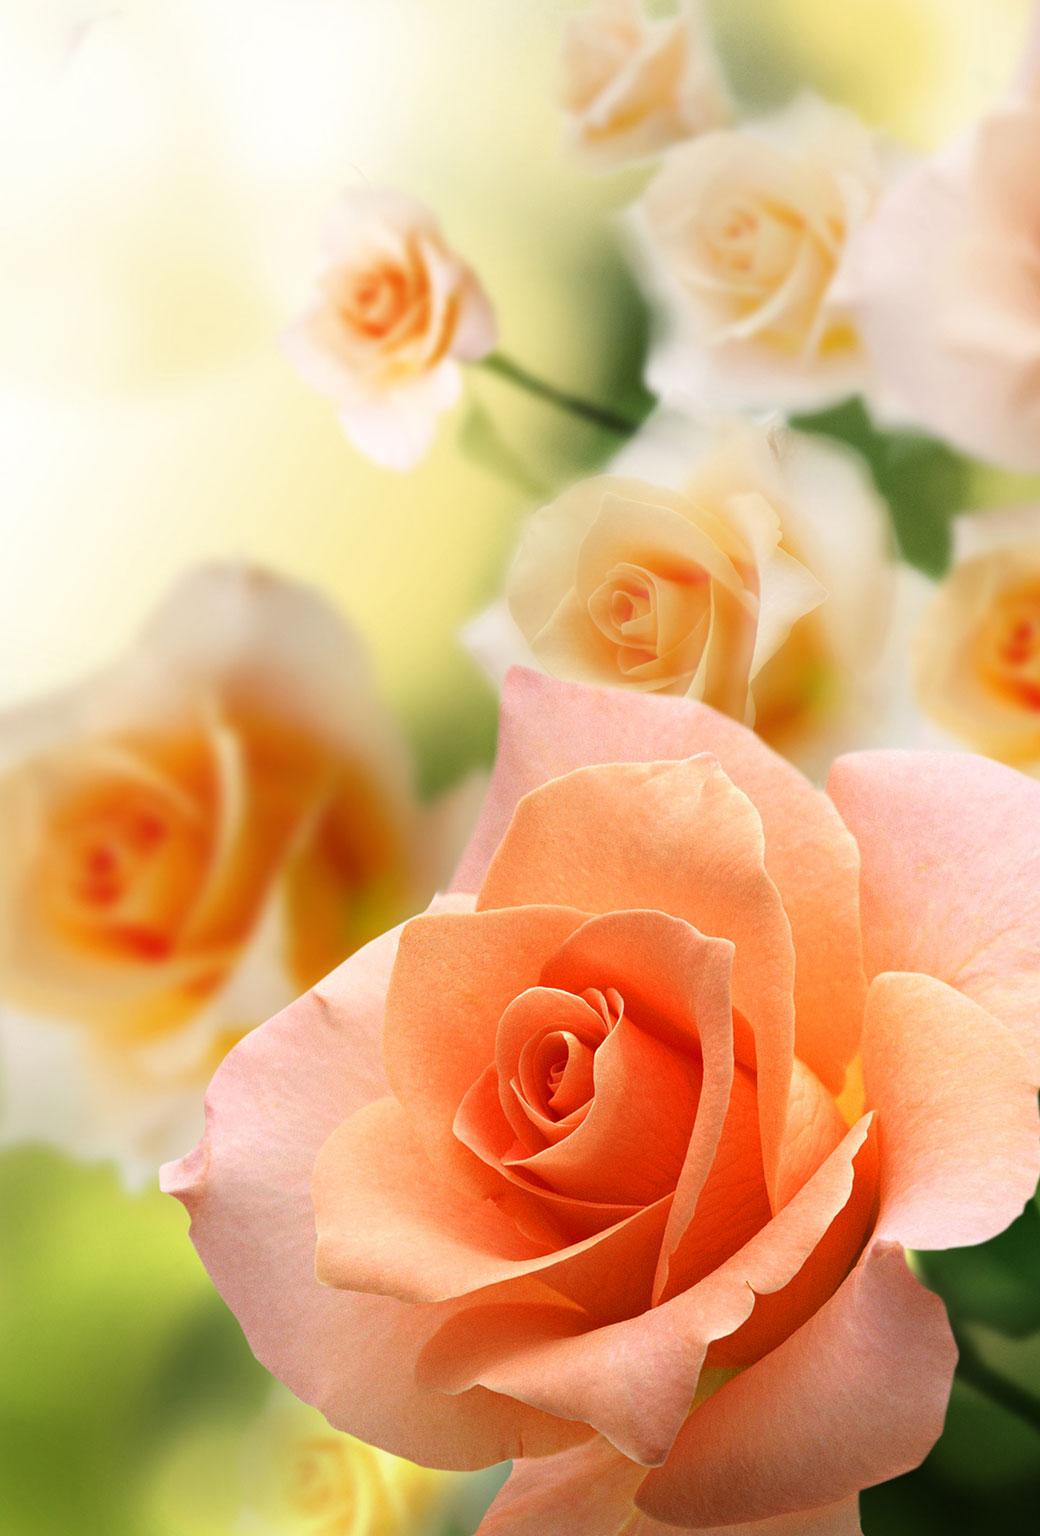 roses pink orange macro photo